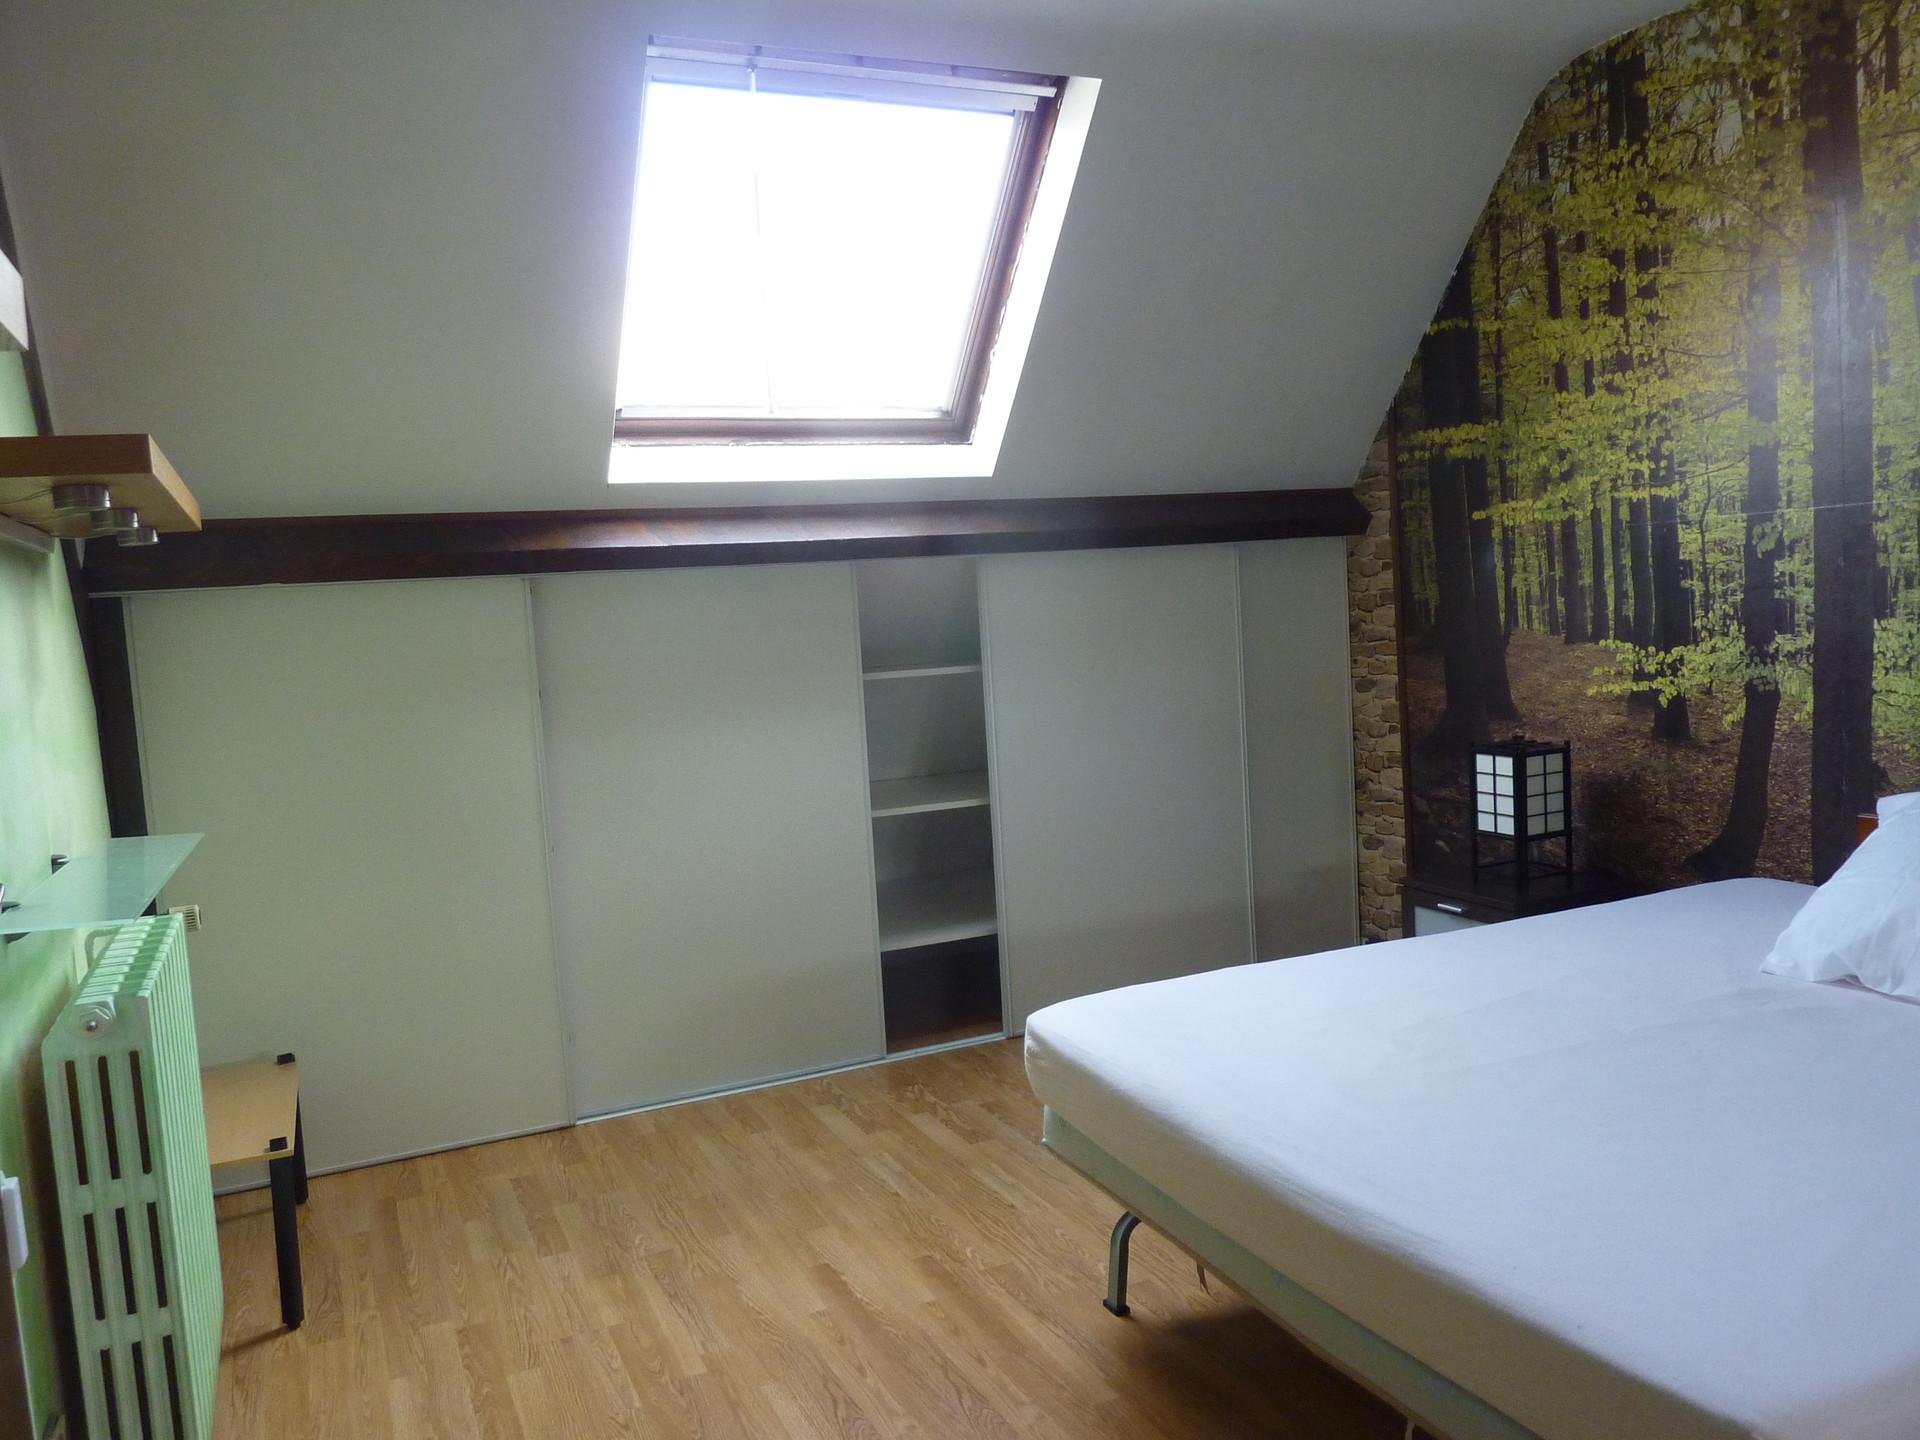 Chambre meubl e chez l habitant r sidences - Contrat de location chambre meublee chez l habitant ...